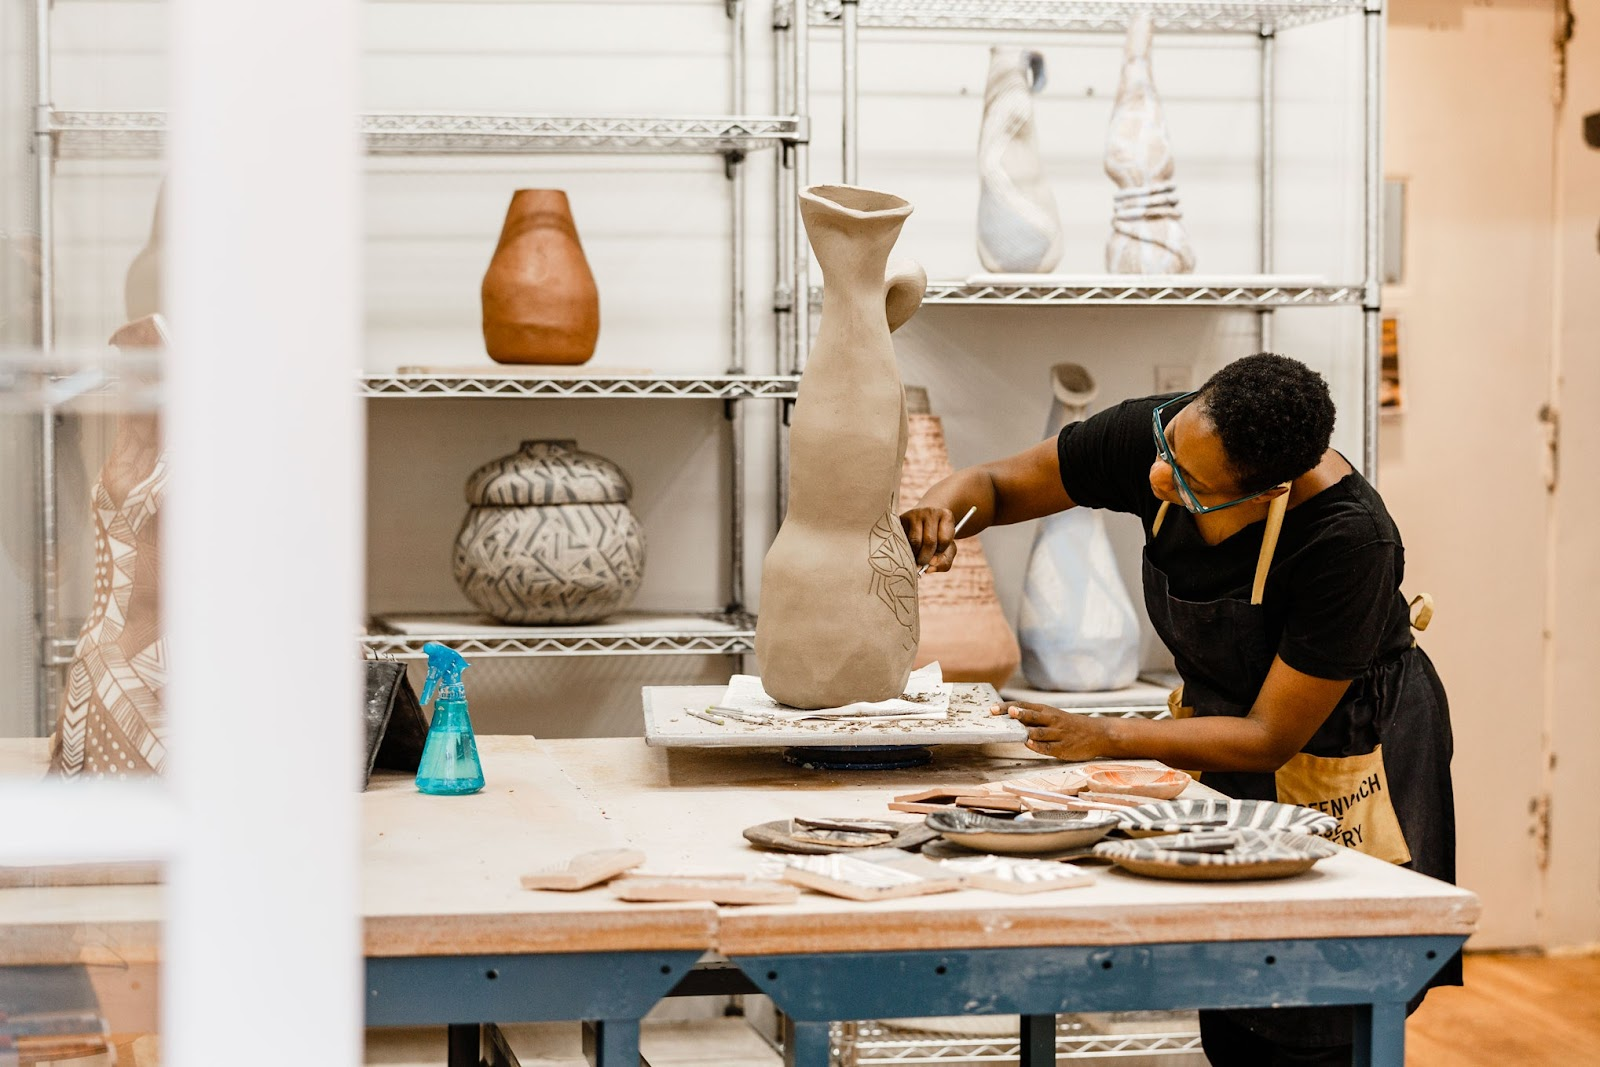 Malene Barnett sedang mengerjakan karya seni tembikar - source: architecturaldigest.com